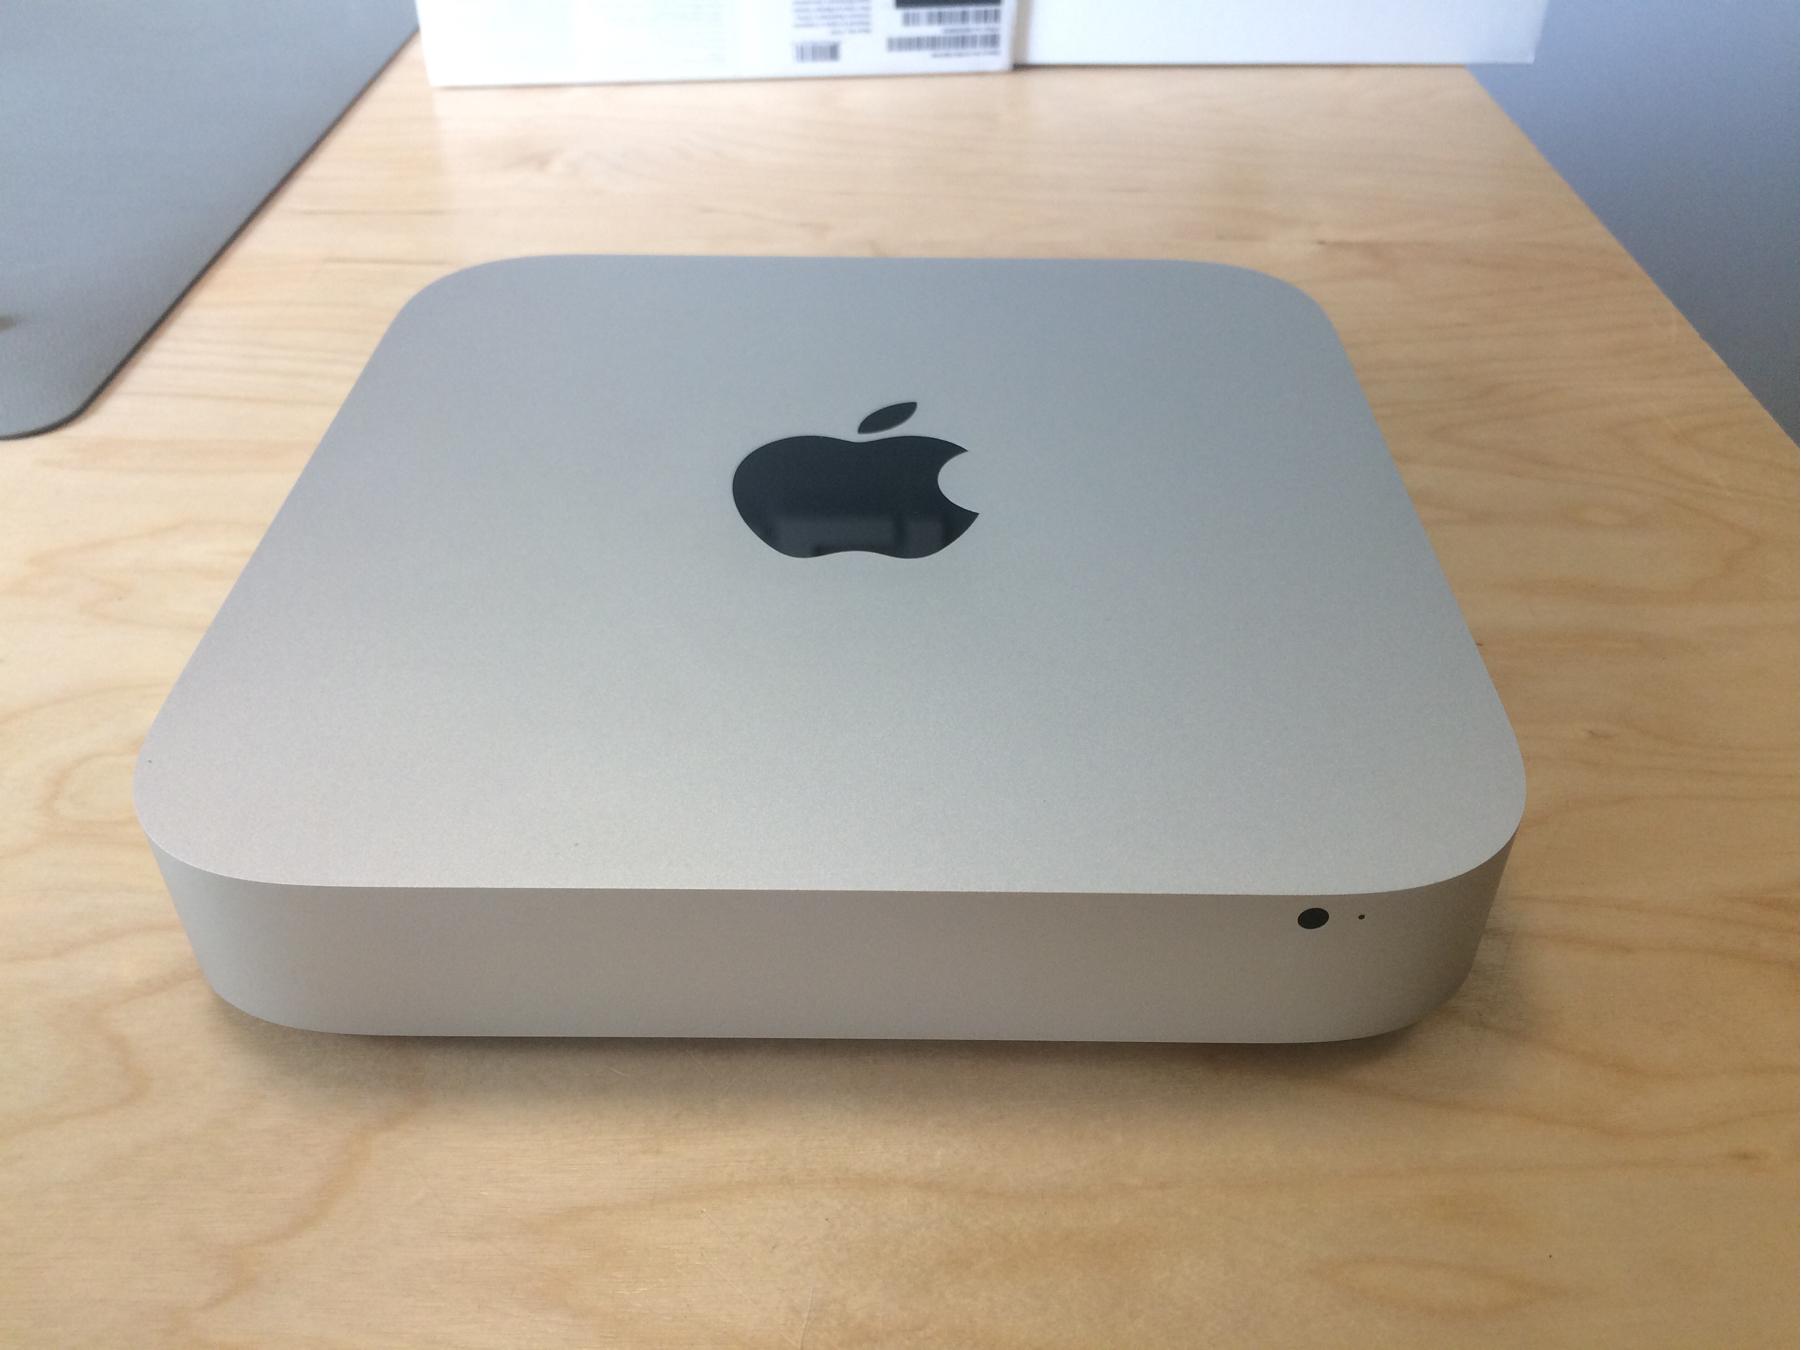 Mac Mini Late 2014 (Intel Core i5 2.6 GHz 8 GB RAM 1 TB HDD), 2.6 GHz Intel Core i5, 8GB 1600 MHz, 1TB HDD, obraz 1